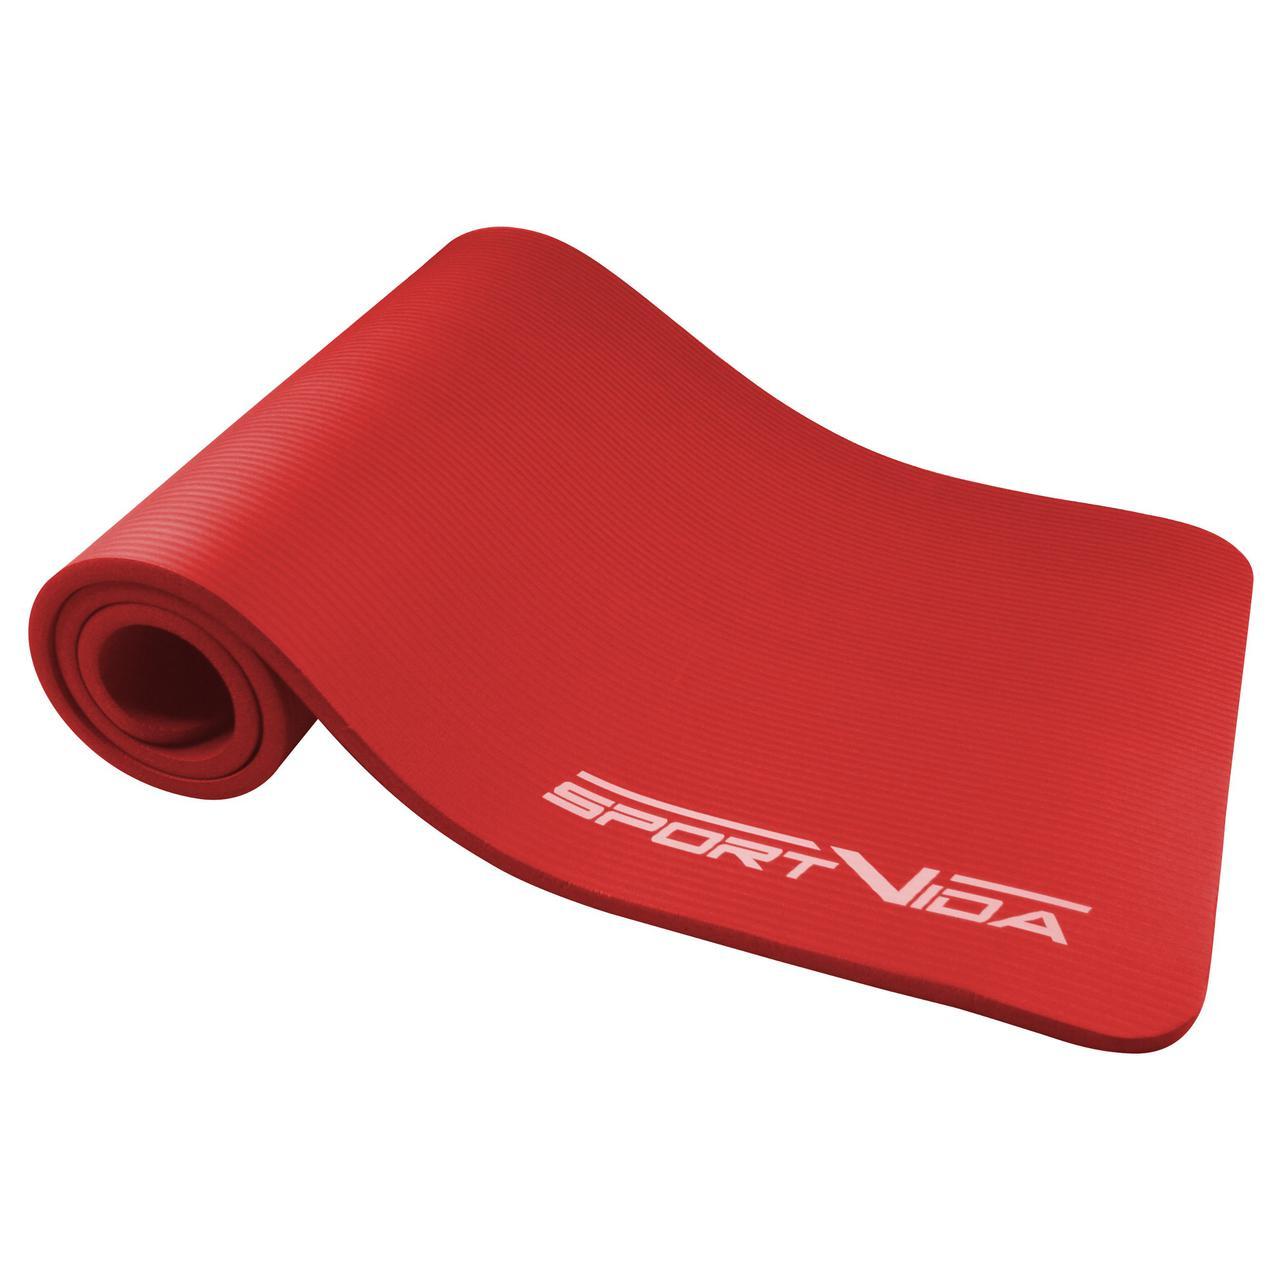 Коврик (мат) для йоги и фитнеса SportVida NBR 1.5 см SV-HK0073 Red